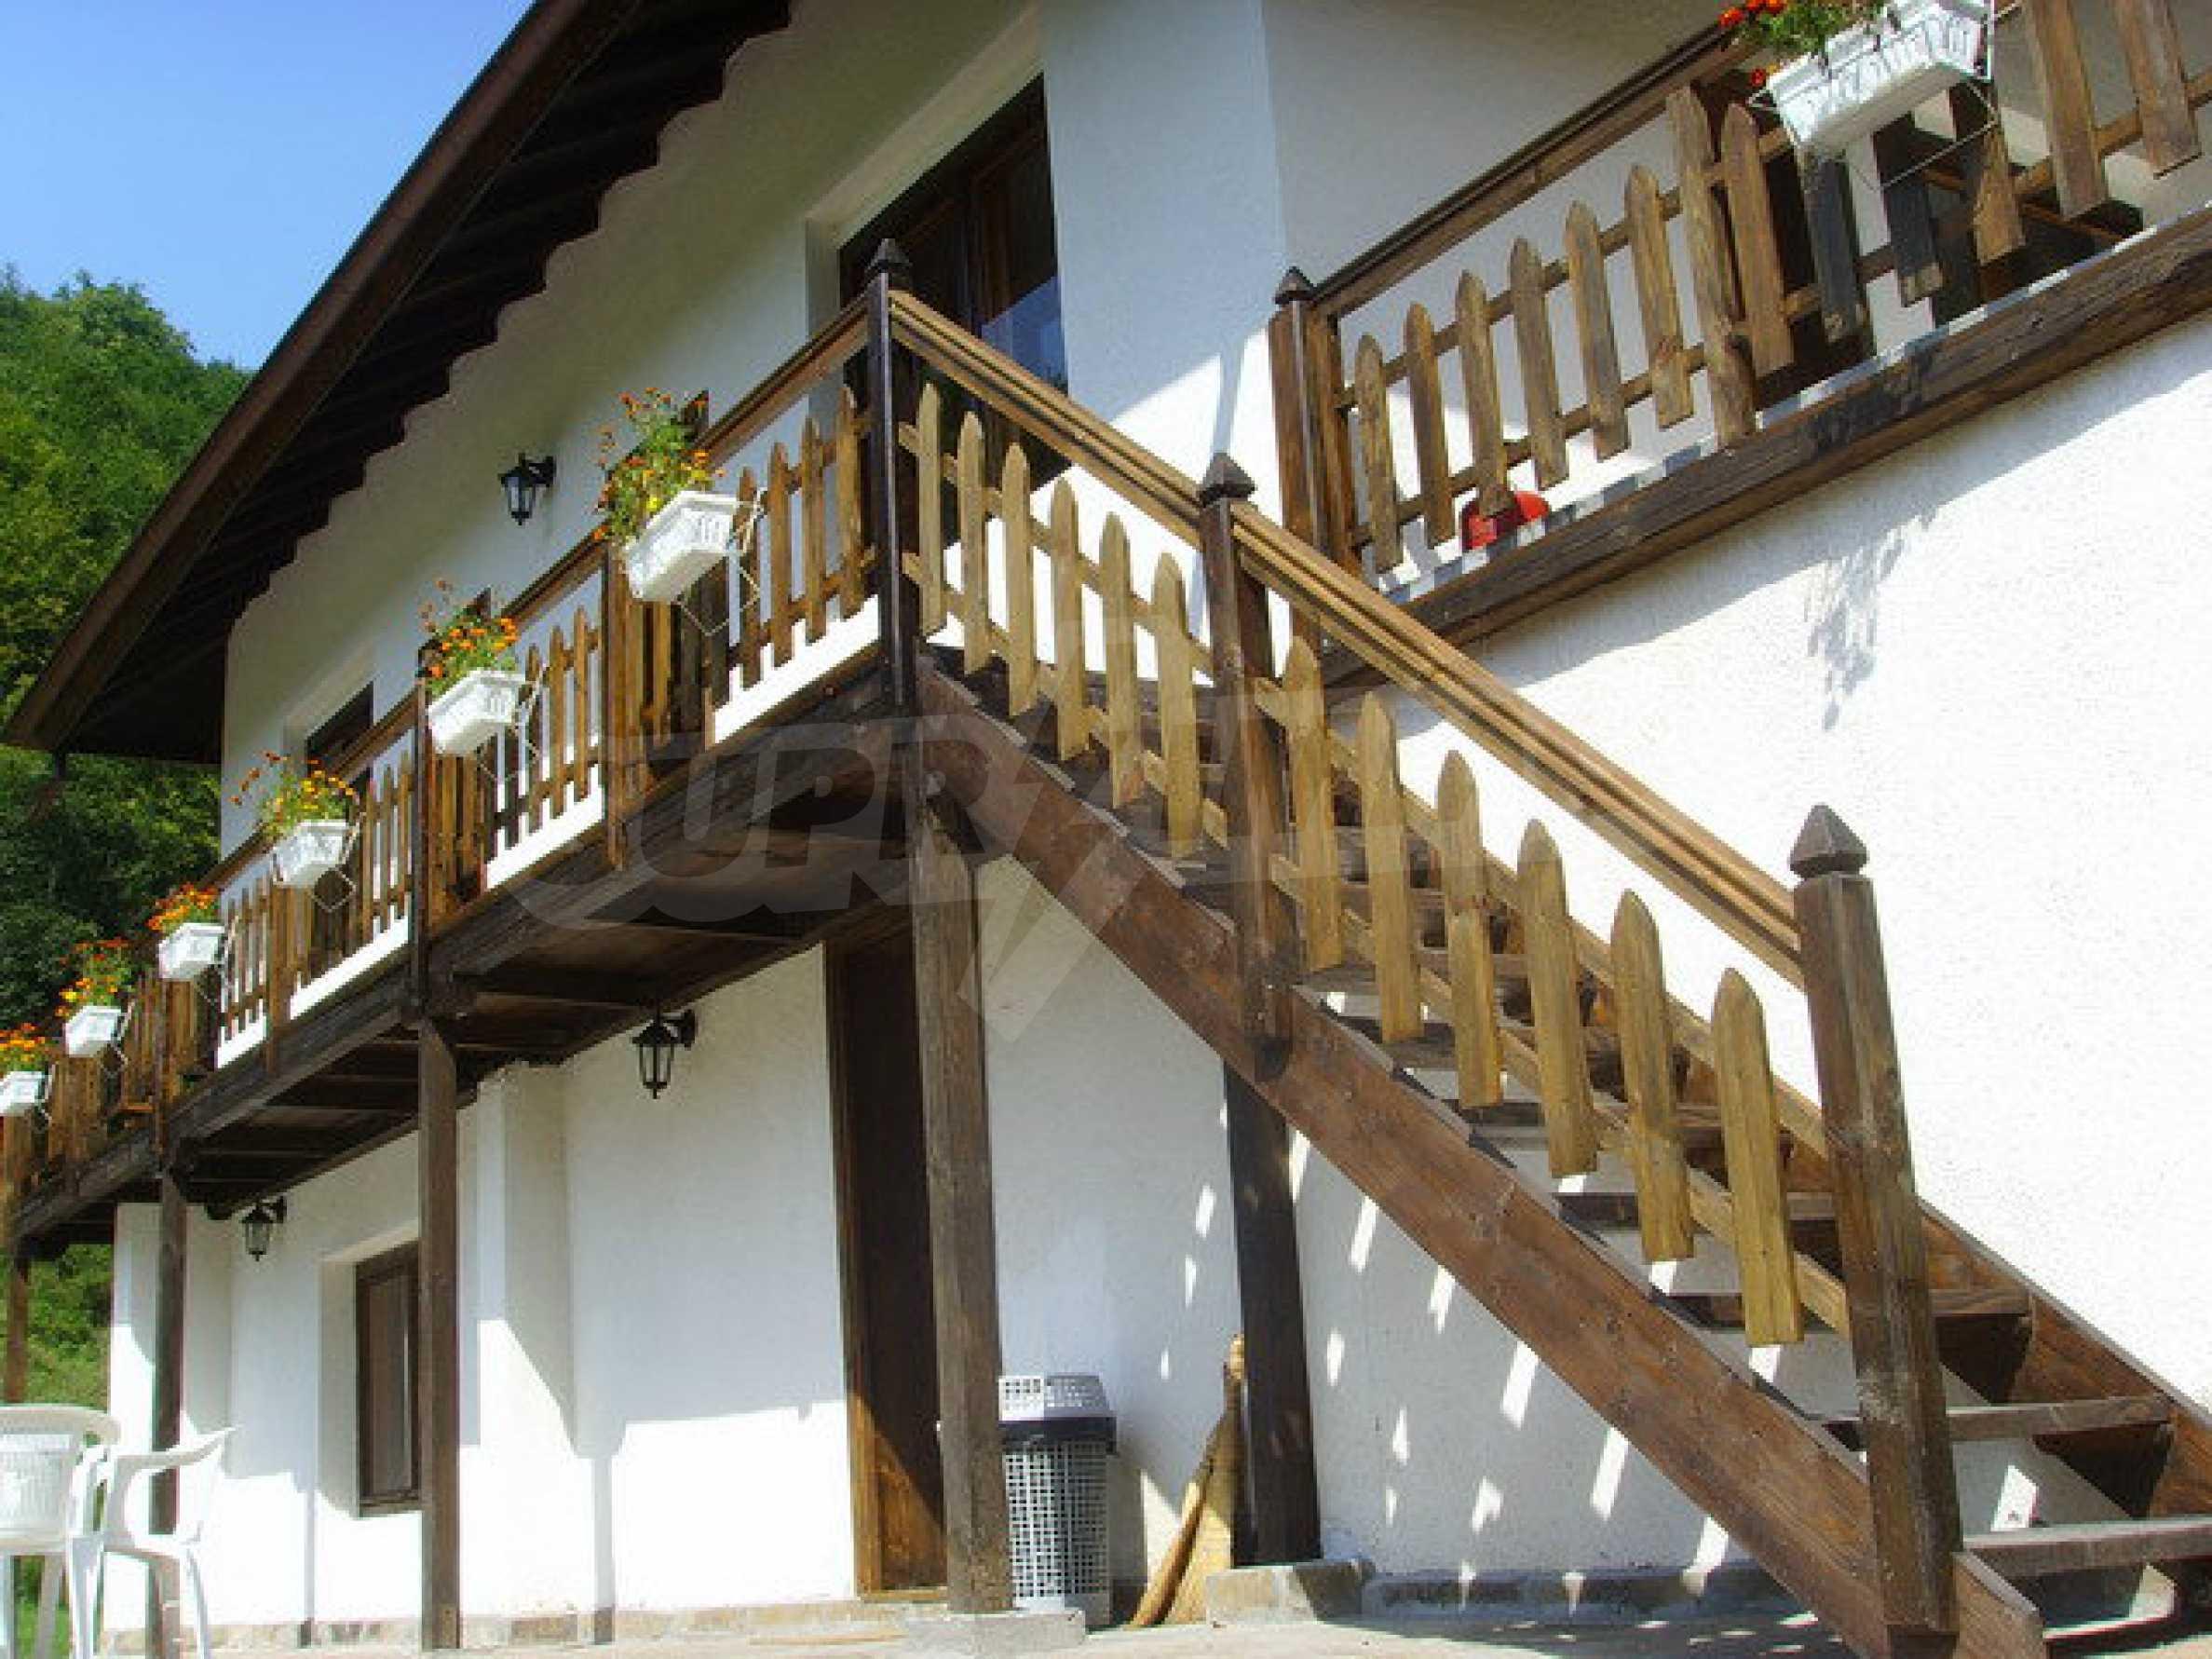 Geräumiges, voll möbliertes und ausgestattetes zweistöckiges Haus in Ribaritsa 11